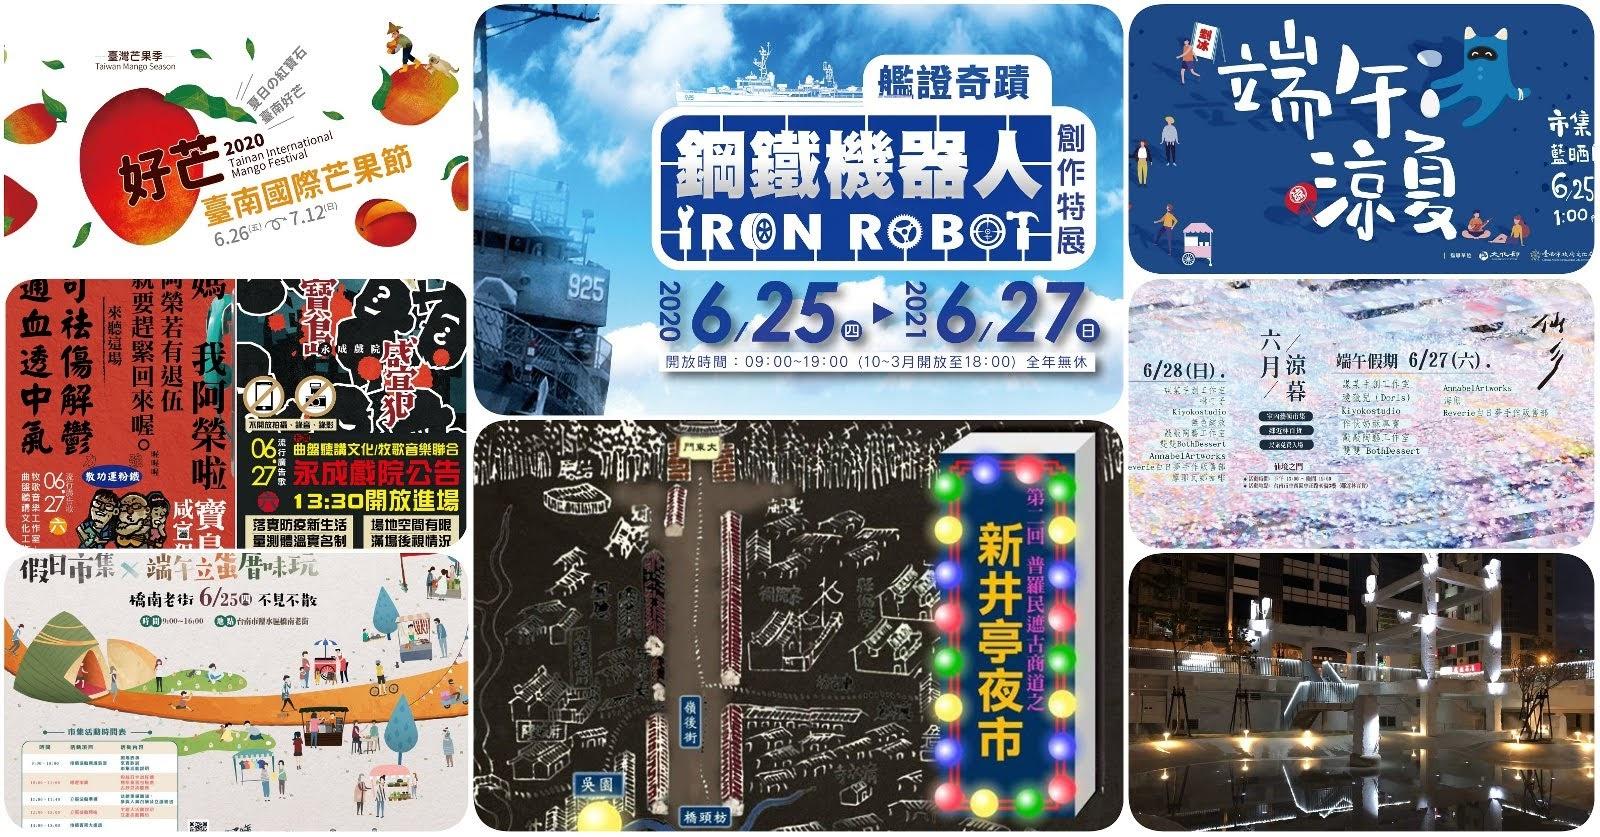 [活動] 2020/6/25-/6/28|台南端午連假×週末活動整理|本週末活動數:73